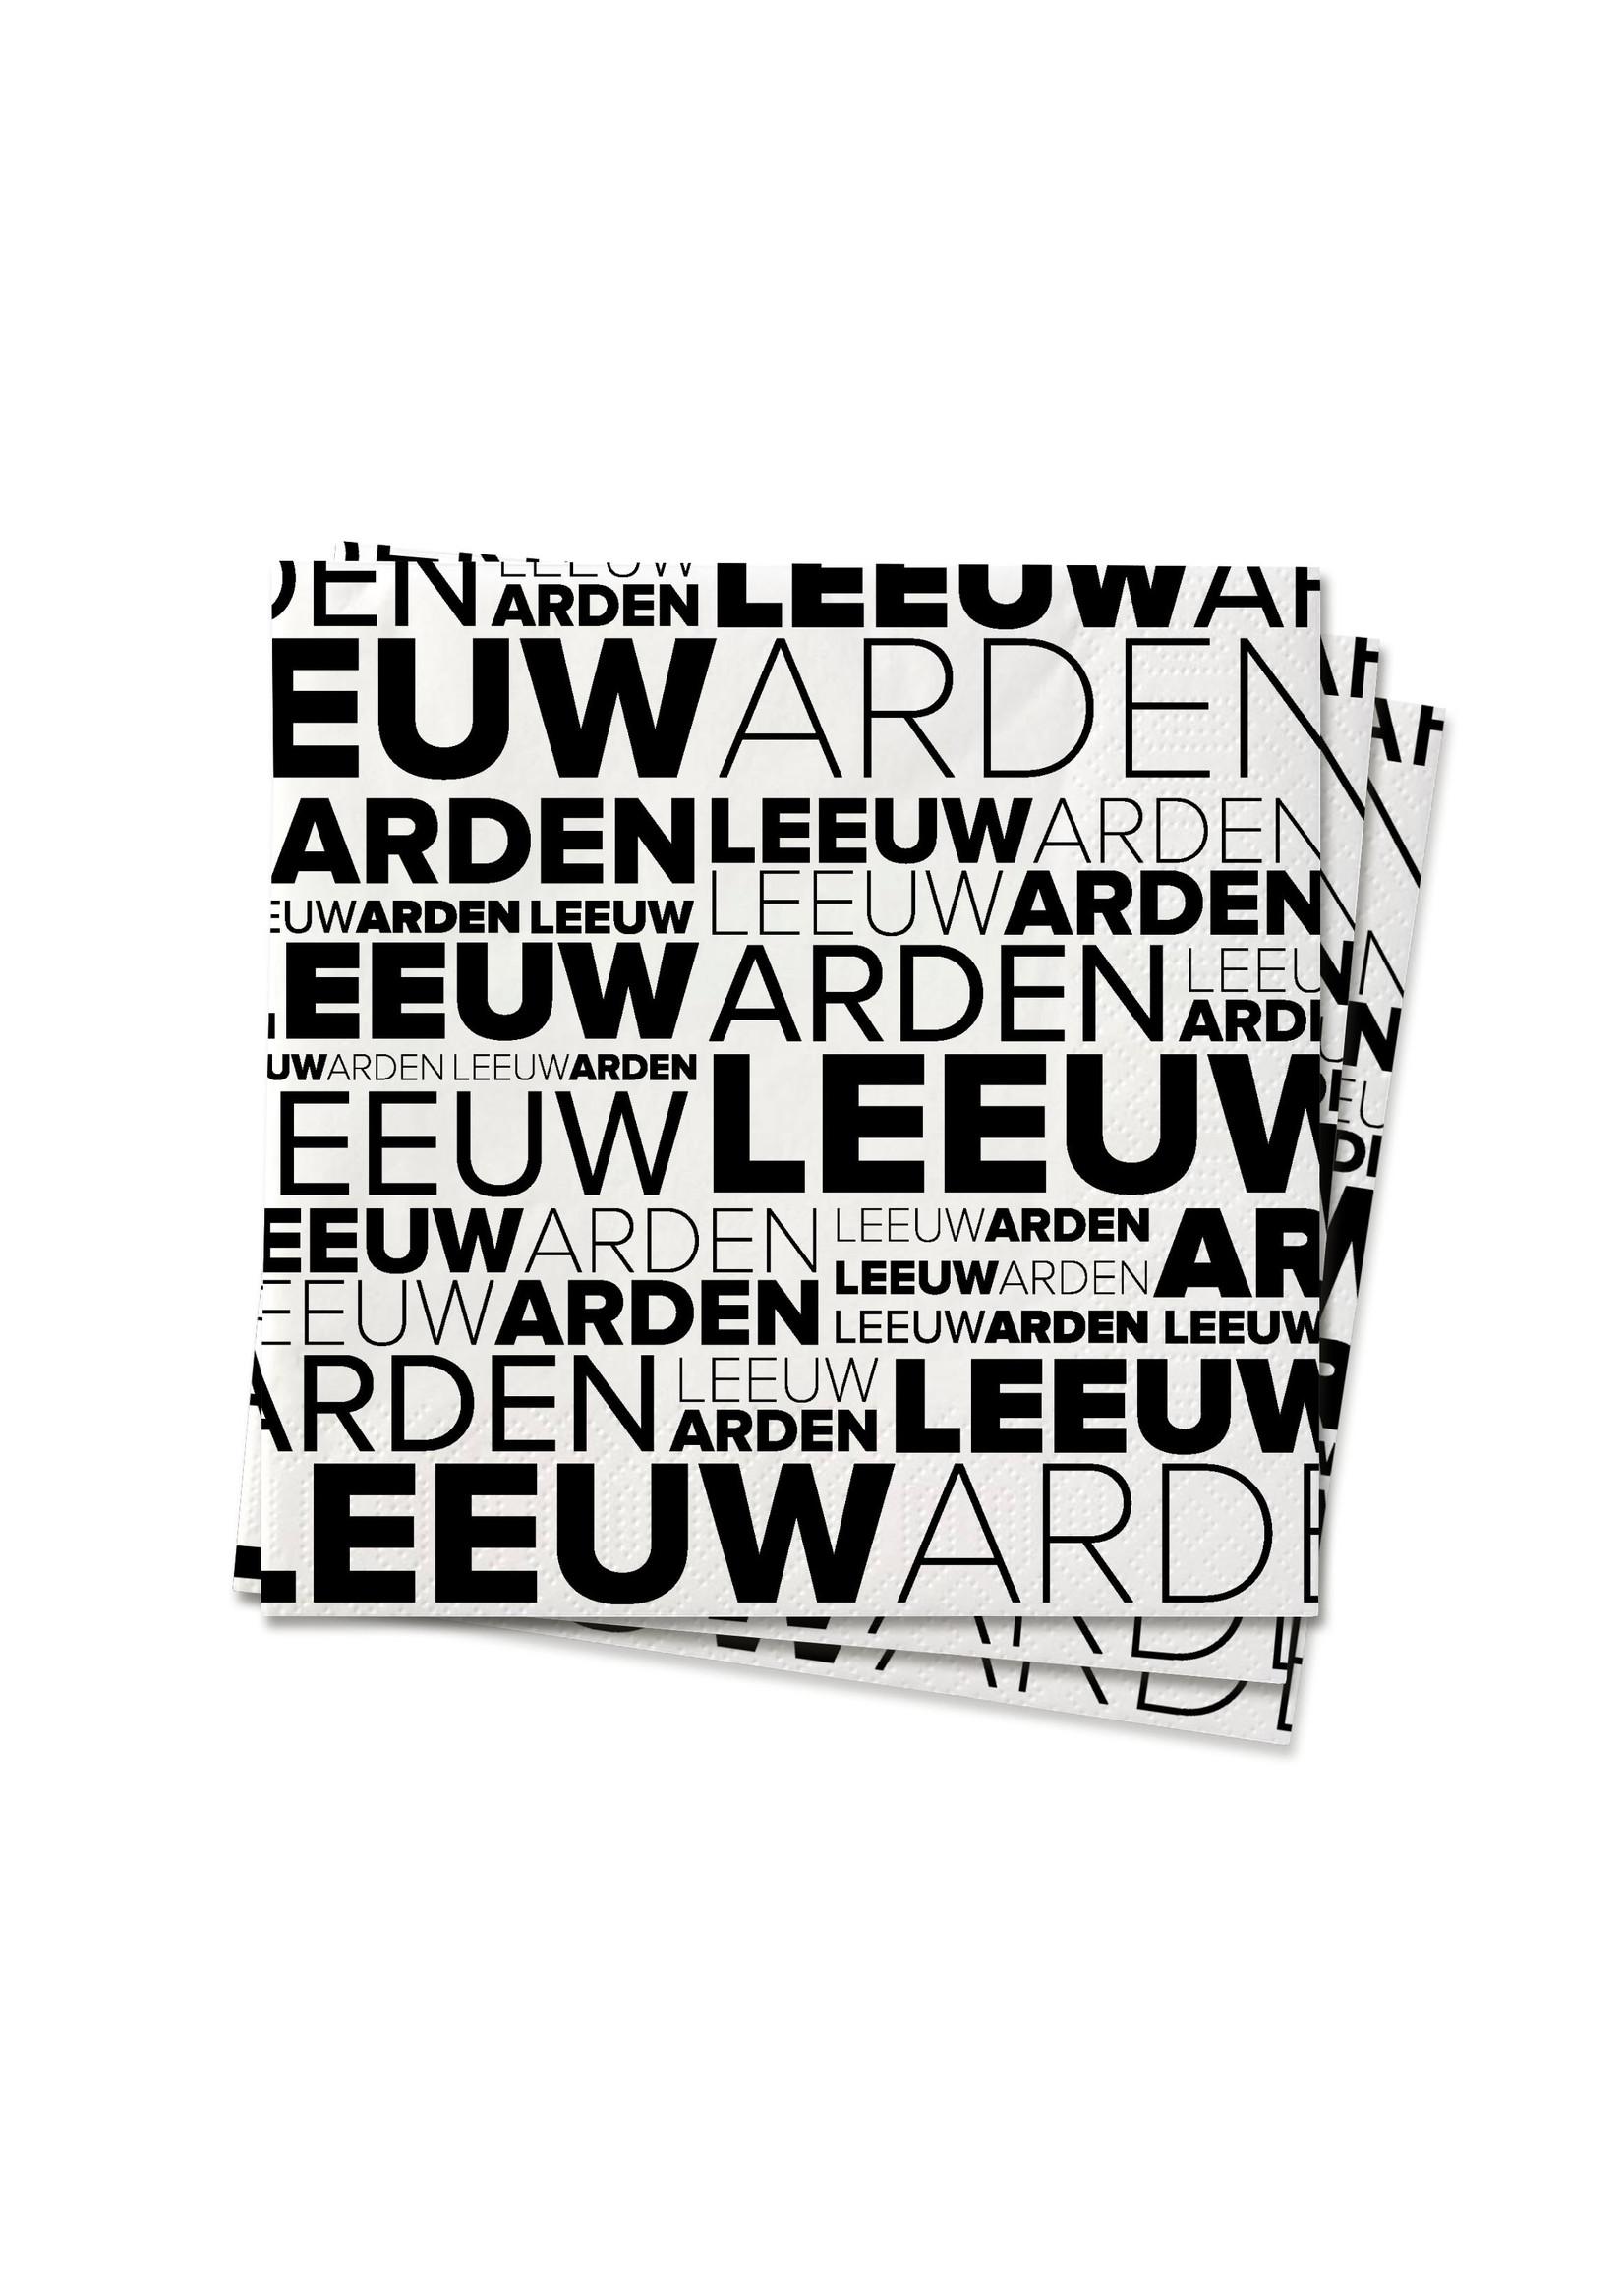 SERVETTEN LEEUWARDEN